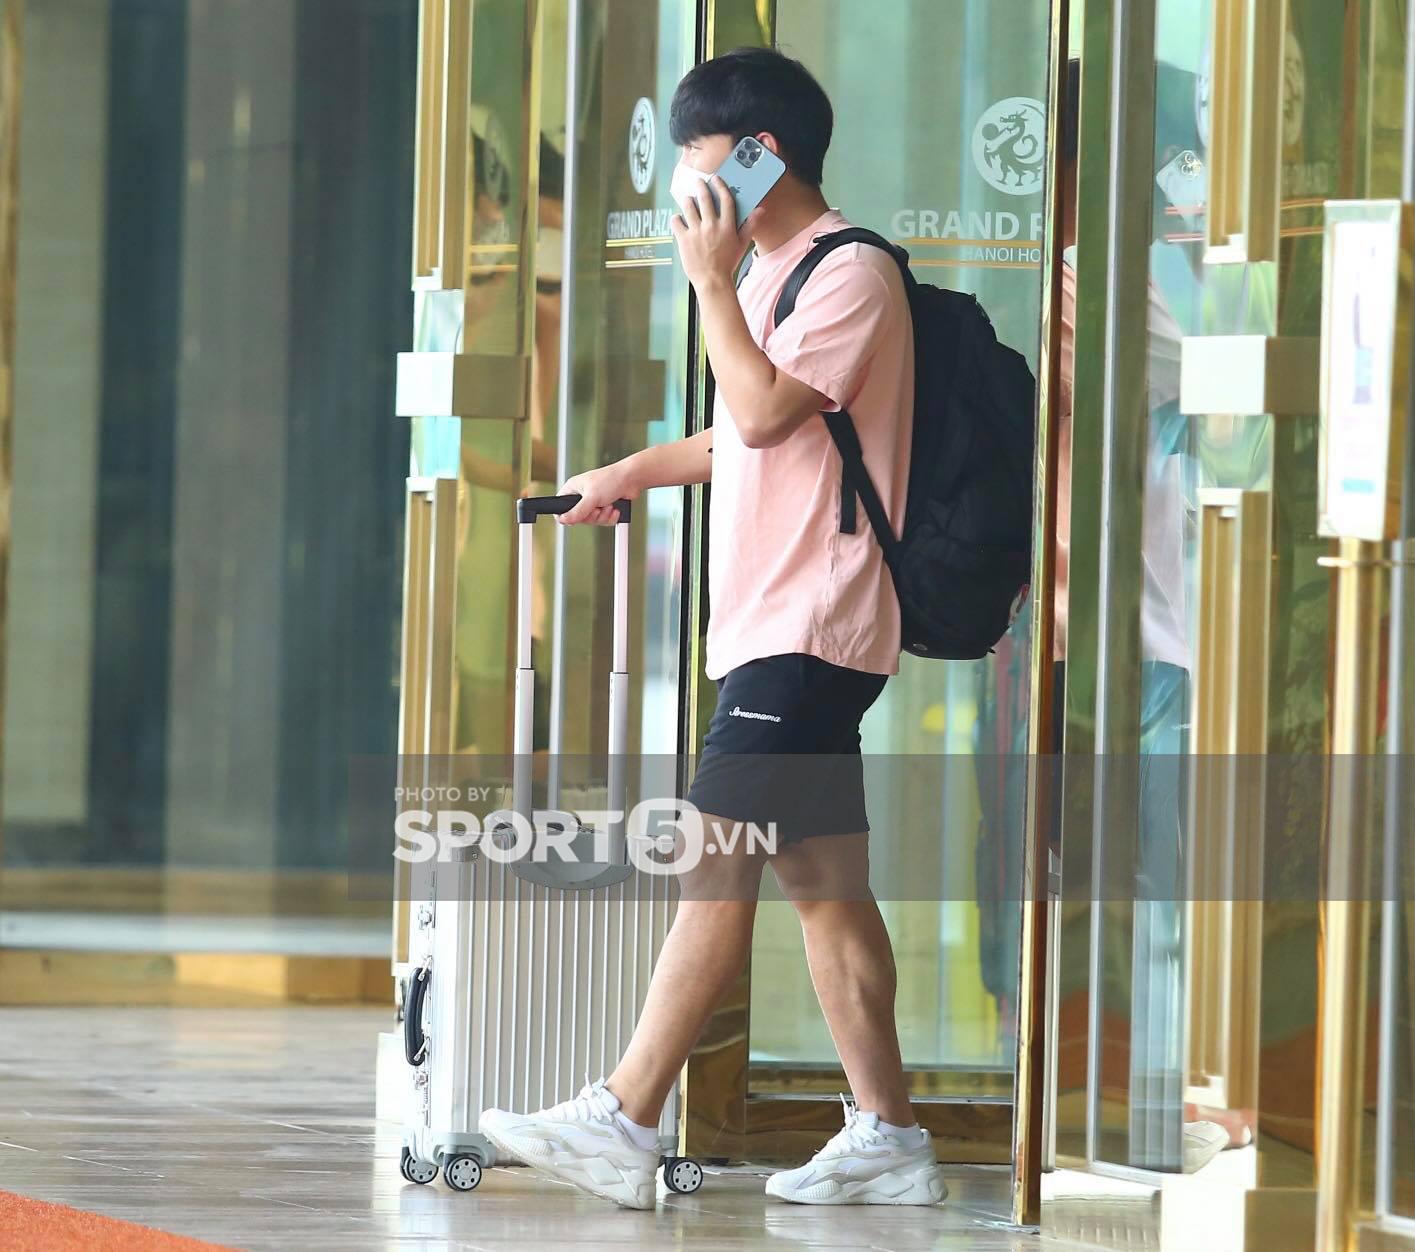 ĐT Việt Nam chuẩn bị sang UAE: Minh Vương lặng lẽ rời khách sạn, HLV Park Hang-seo đi gửi thú cưng - Ảnh 1.